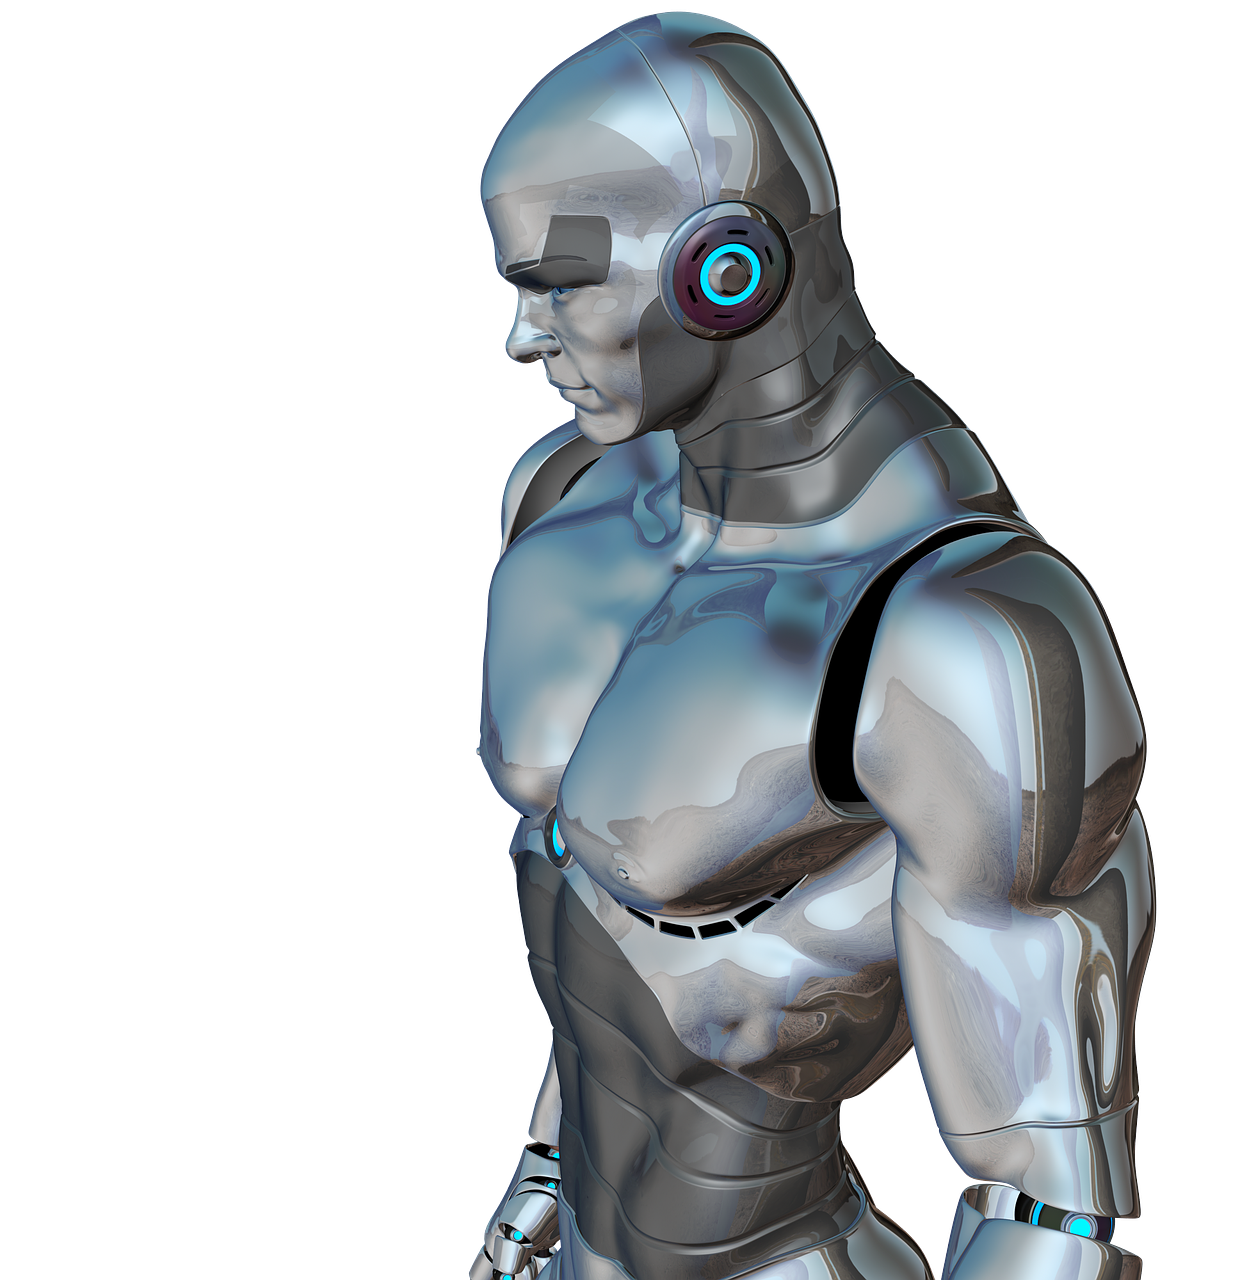 Children Find It Easier To Lie To Robots